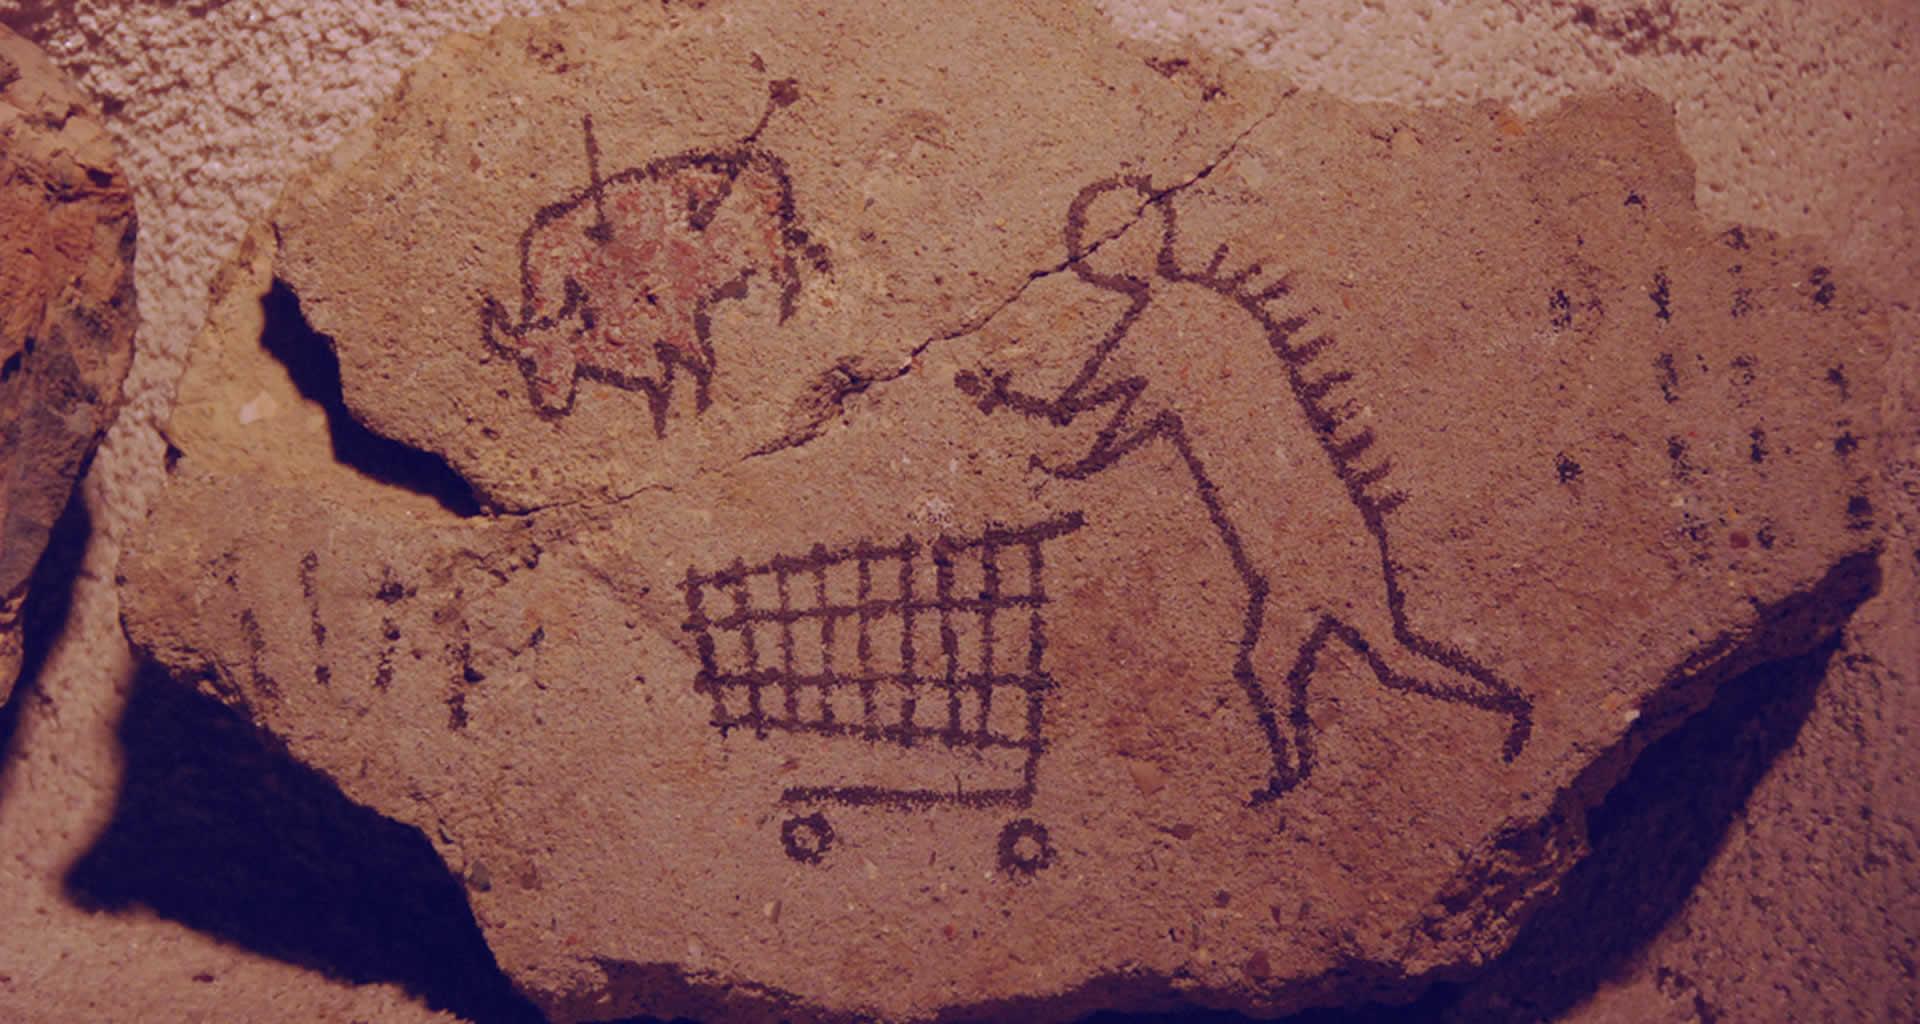 fuente: Flickr.com - salsgallery / Banksy